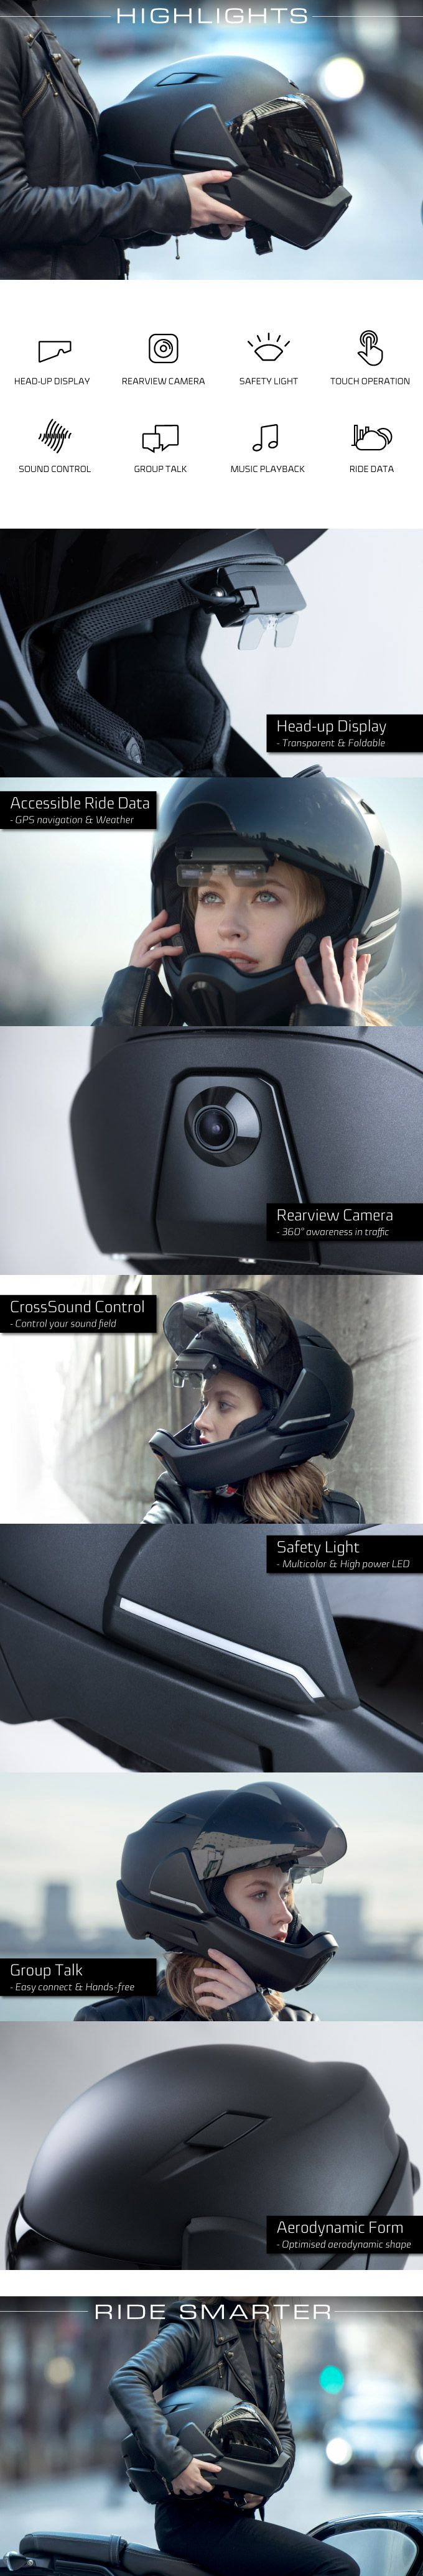 CrossHelmet Smart Motorcycle Helmet